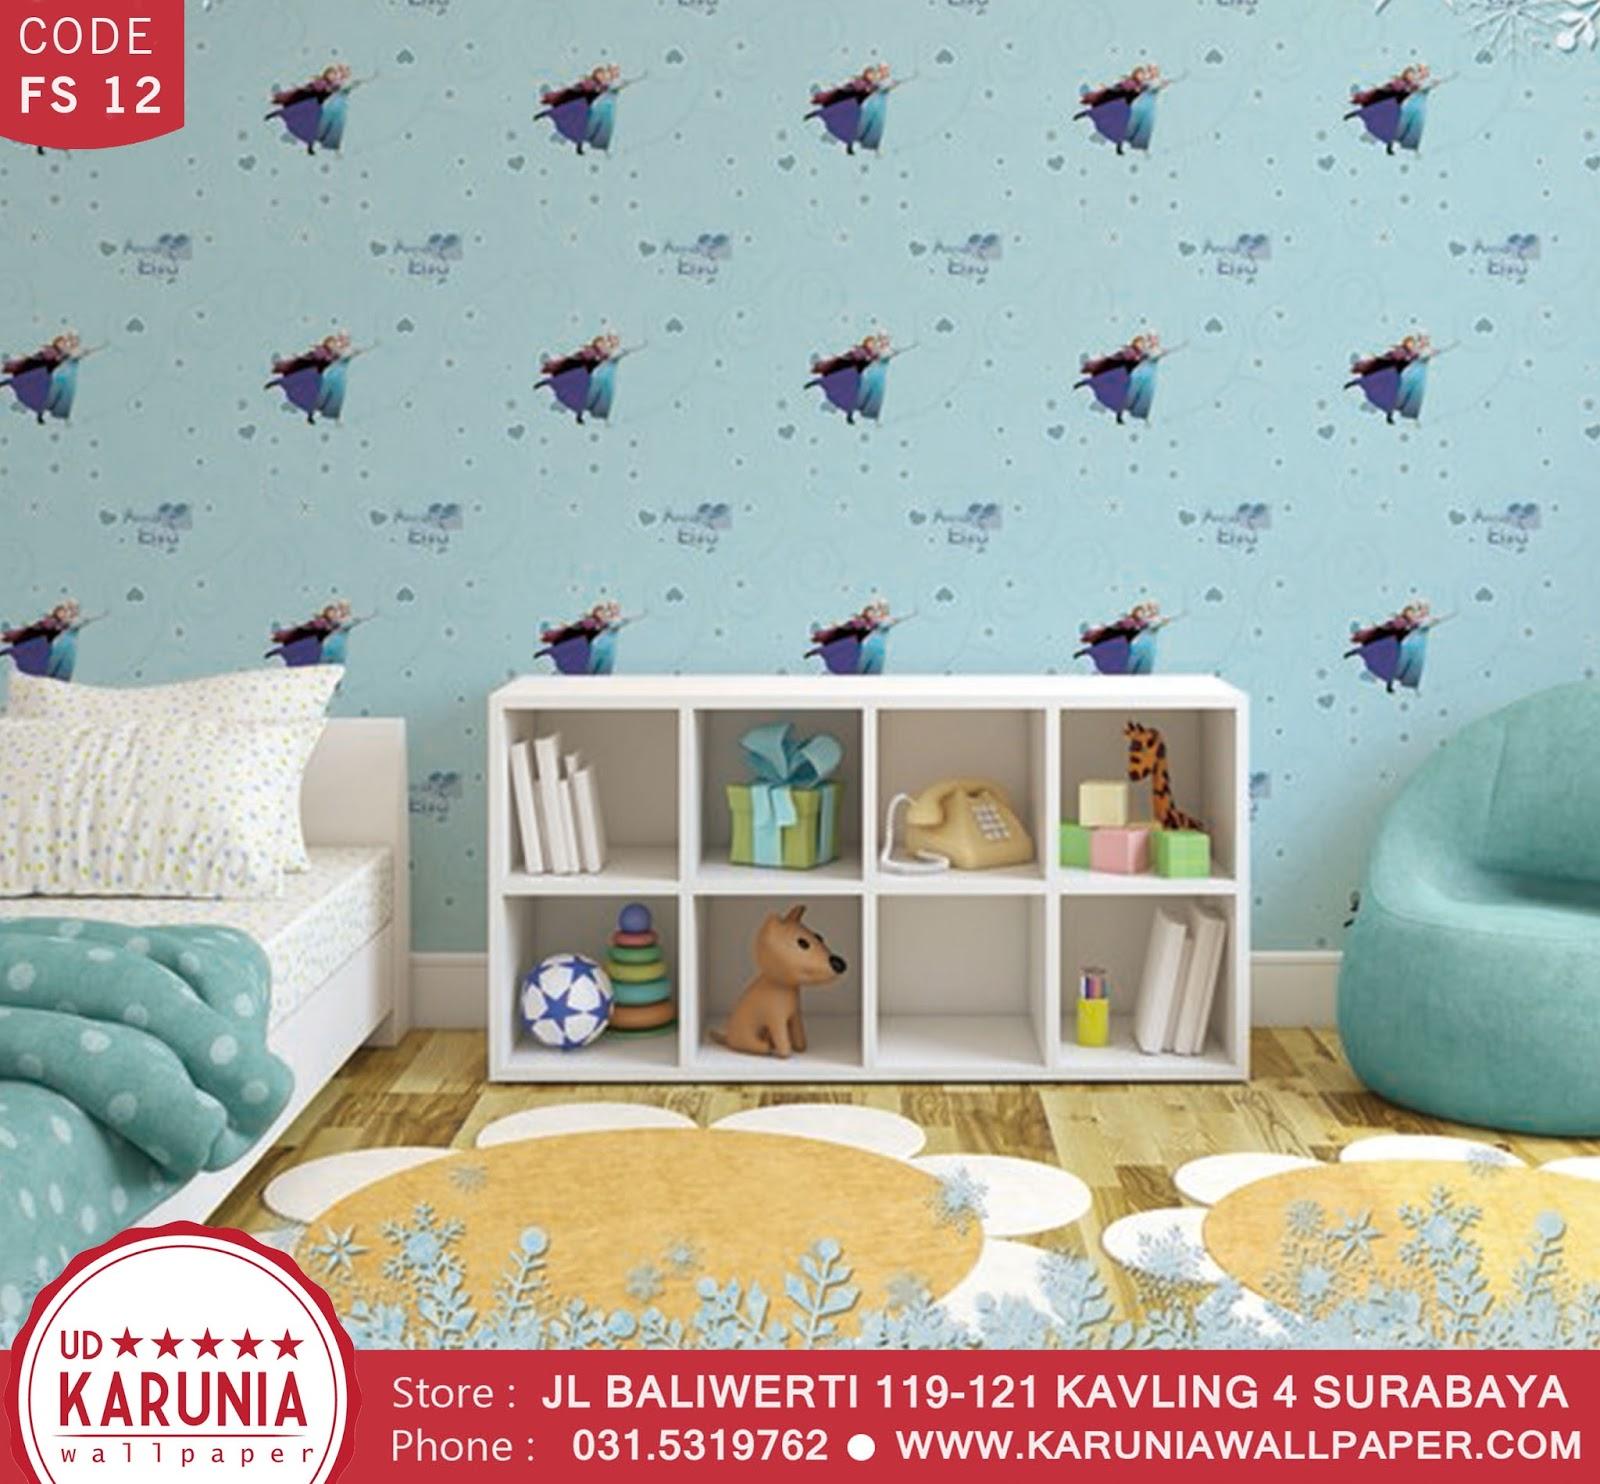 jual wallpaper bagus disney karuniawallpaper surabaya